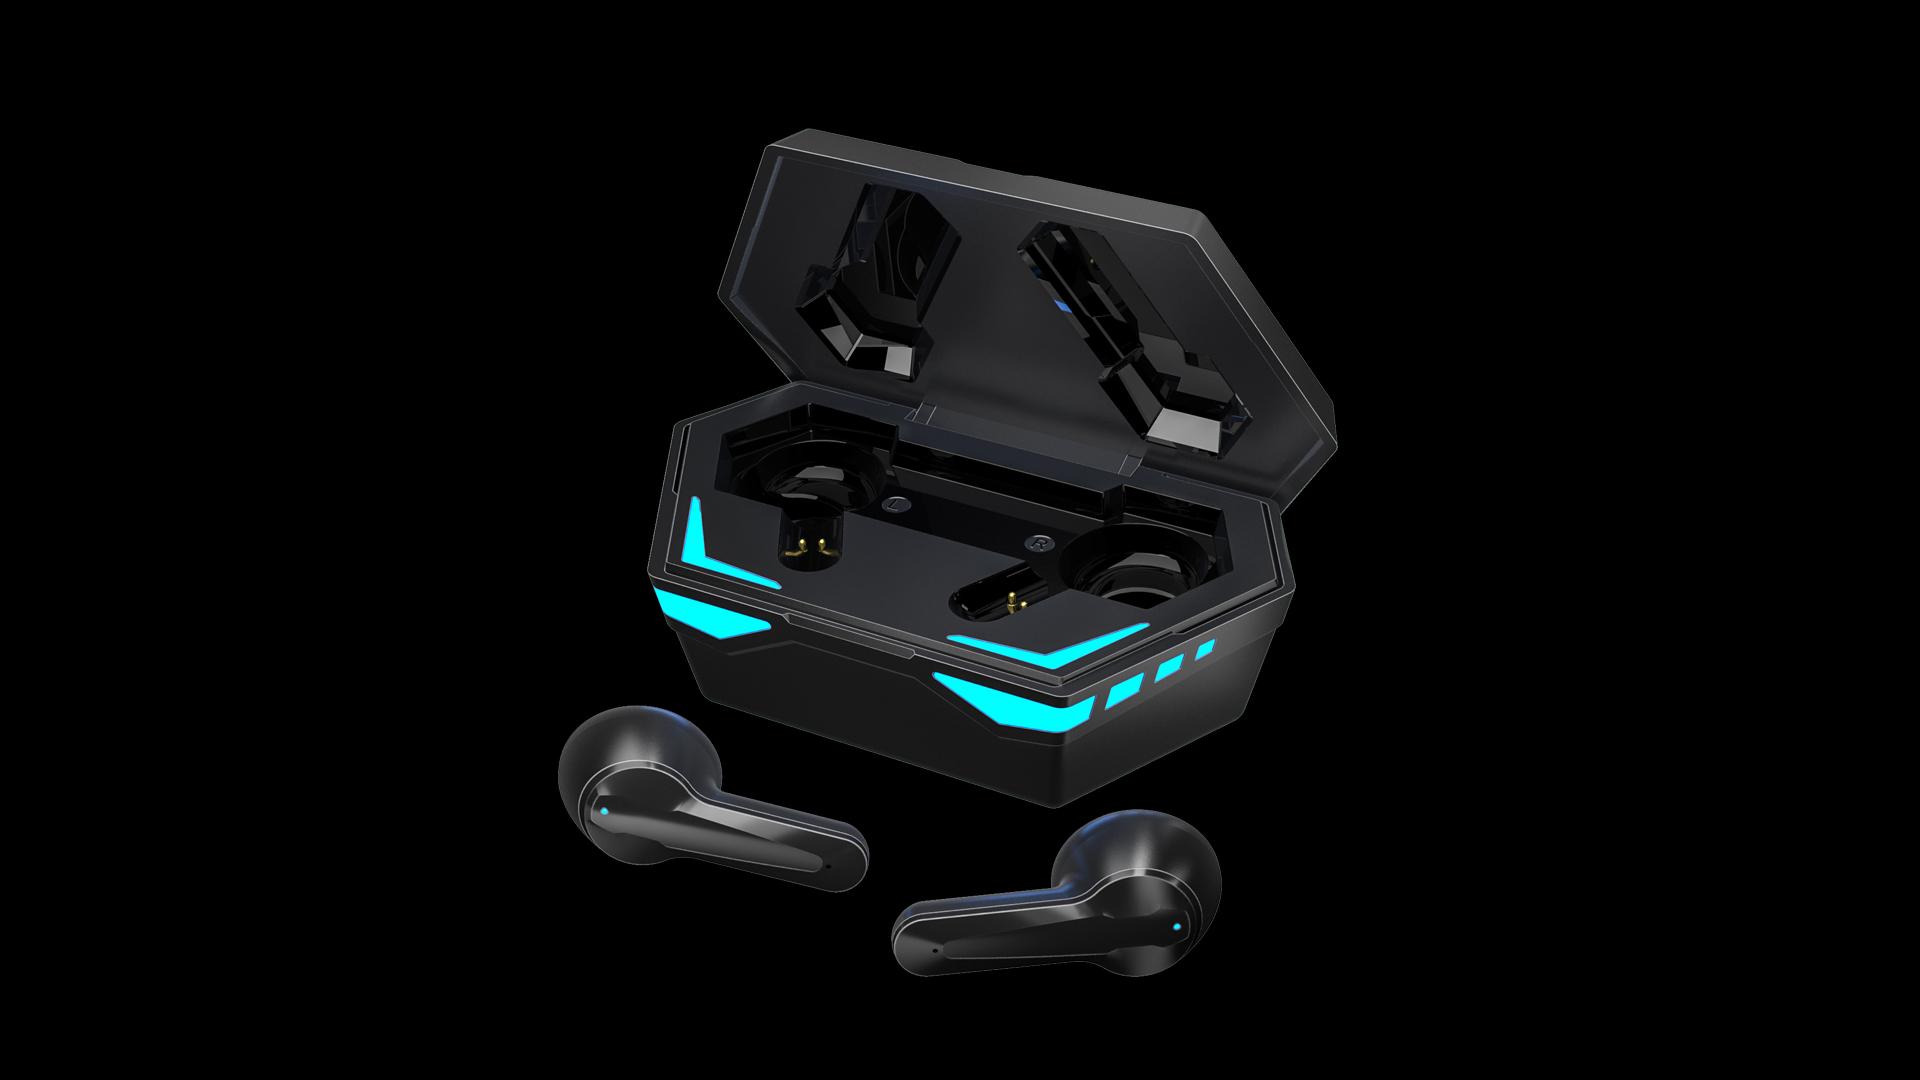 Neueste Mini Wasserdichte und Geräuschreduzierung Tws Wireless 5.0 Ohrhörer LED-Anzeige Mobiltelefon Kopfhörer Bluetooth-Kopfhörer X23